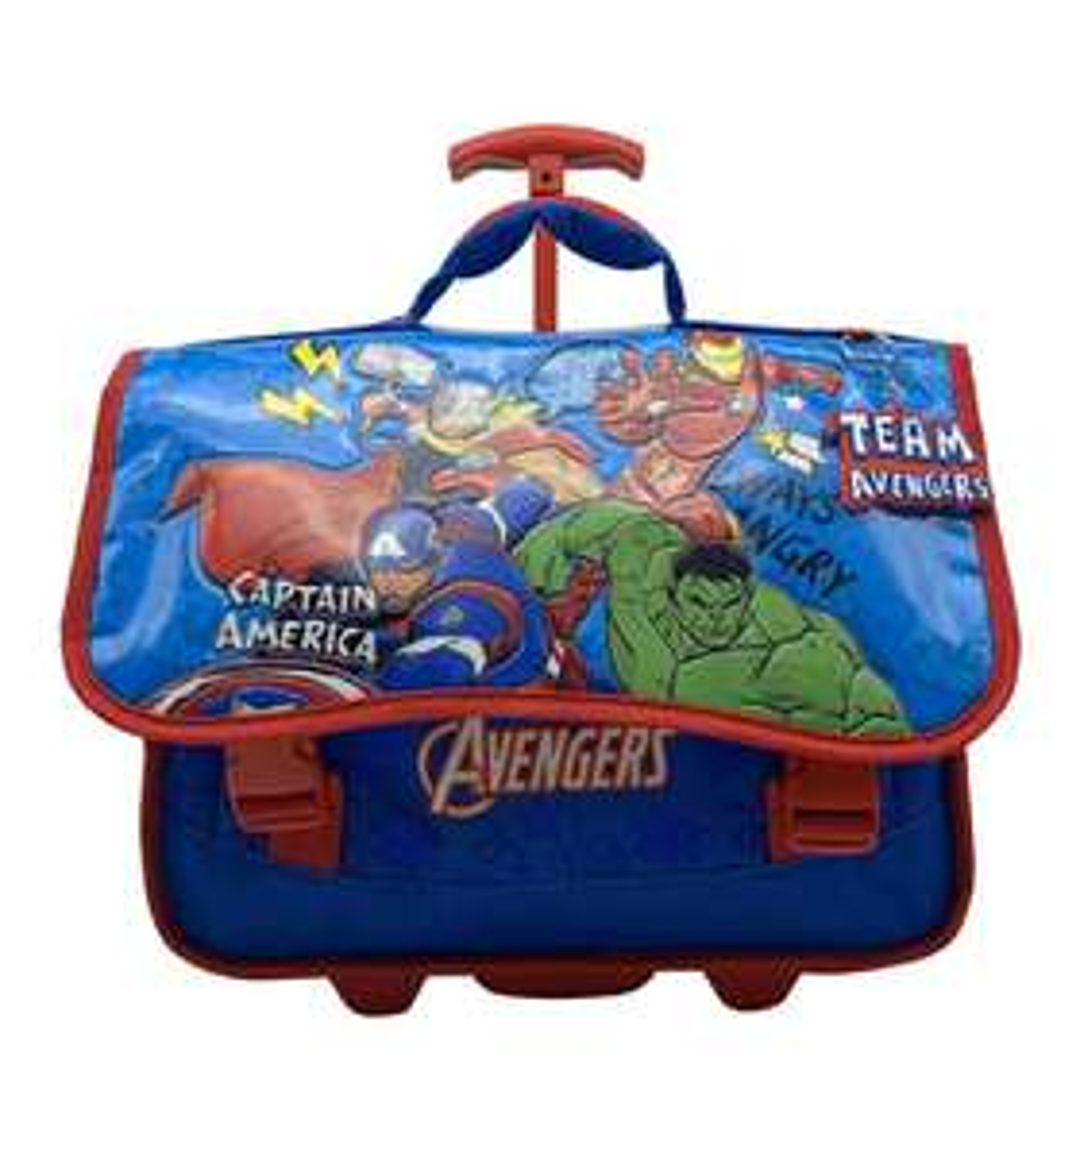 Sélection de cartables en promotion - Ex : Cartable à roulettes Avengers